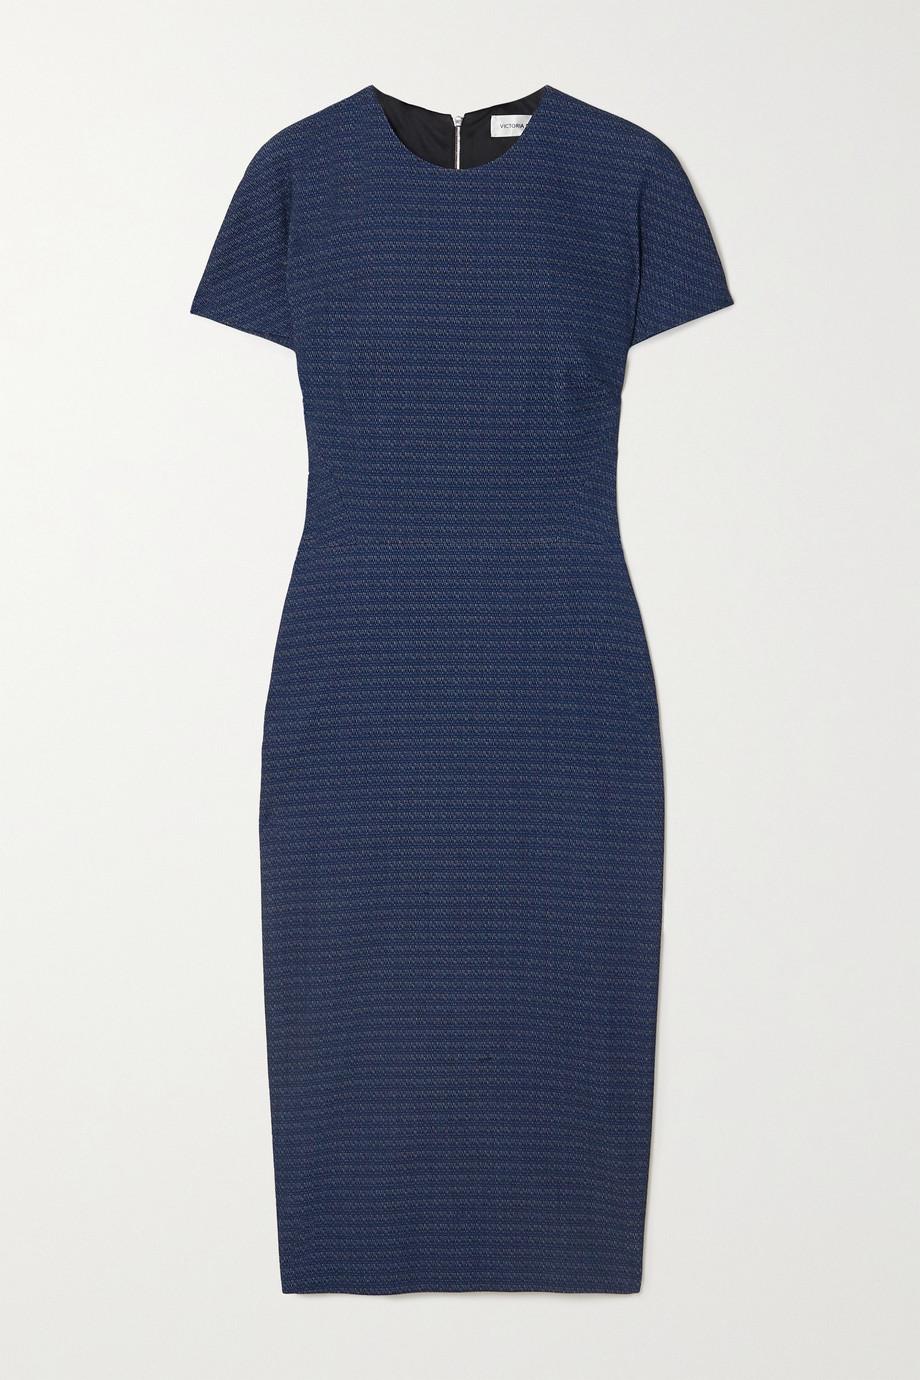 Victoria Beckham Cotton-blend jacquard dress